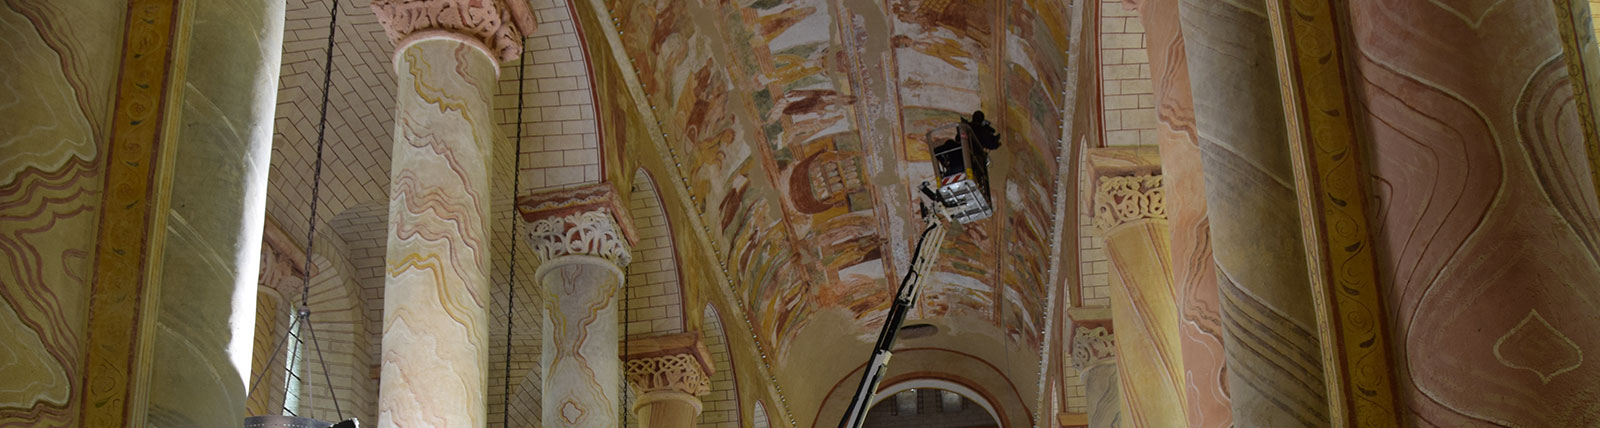 Le 14 août sur France 3 – Le Triomphe des Images, il y a mille ans